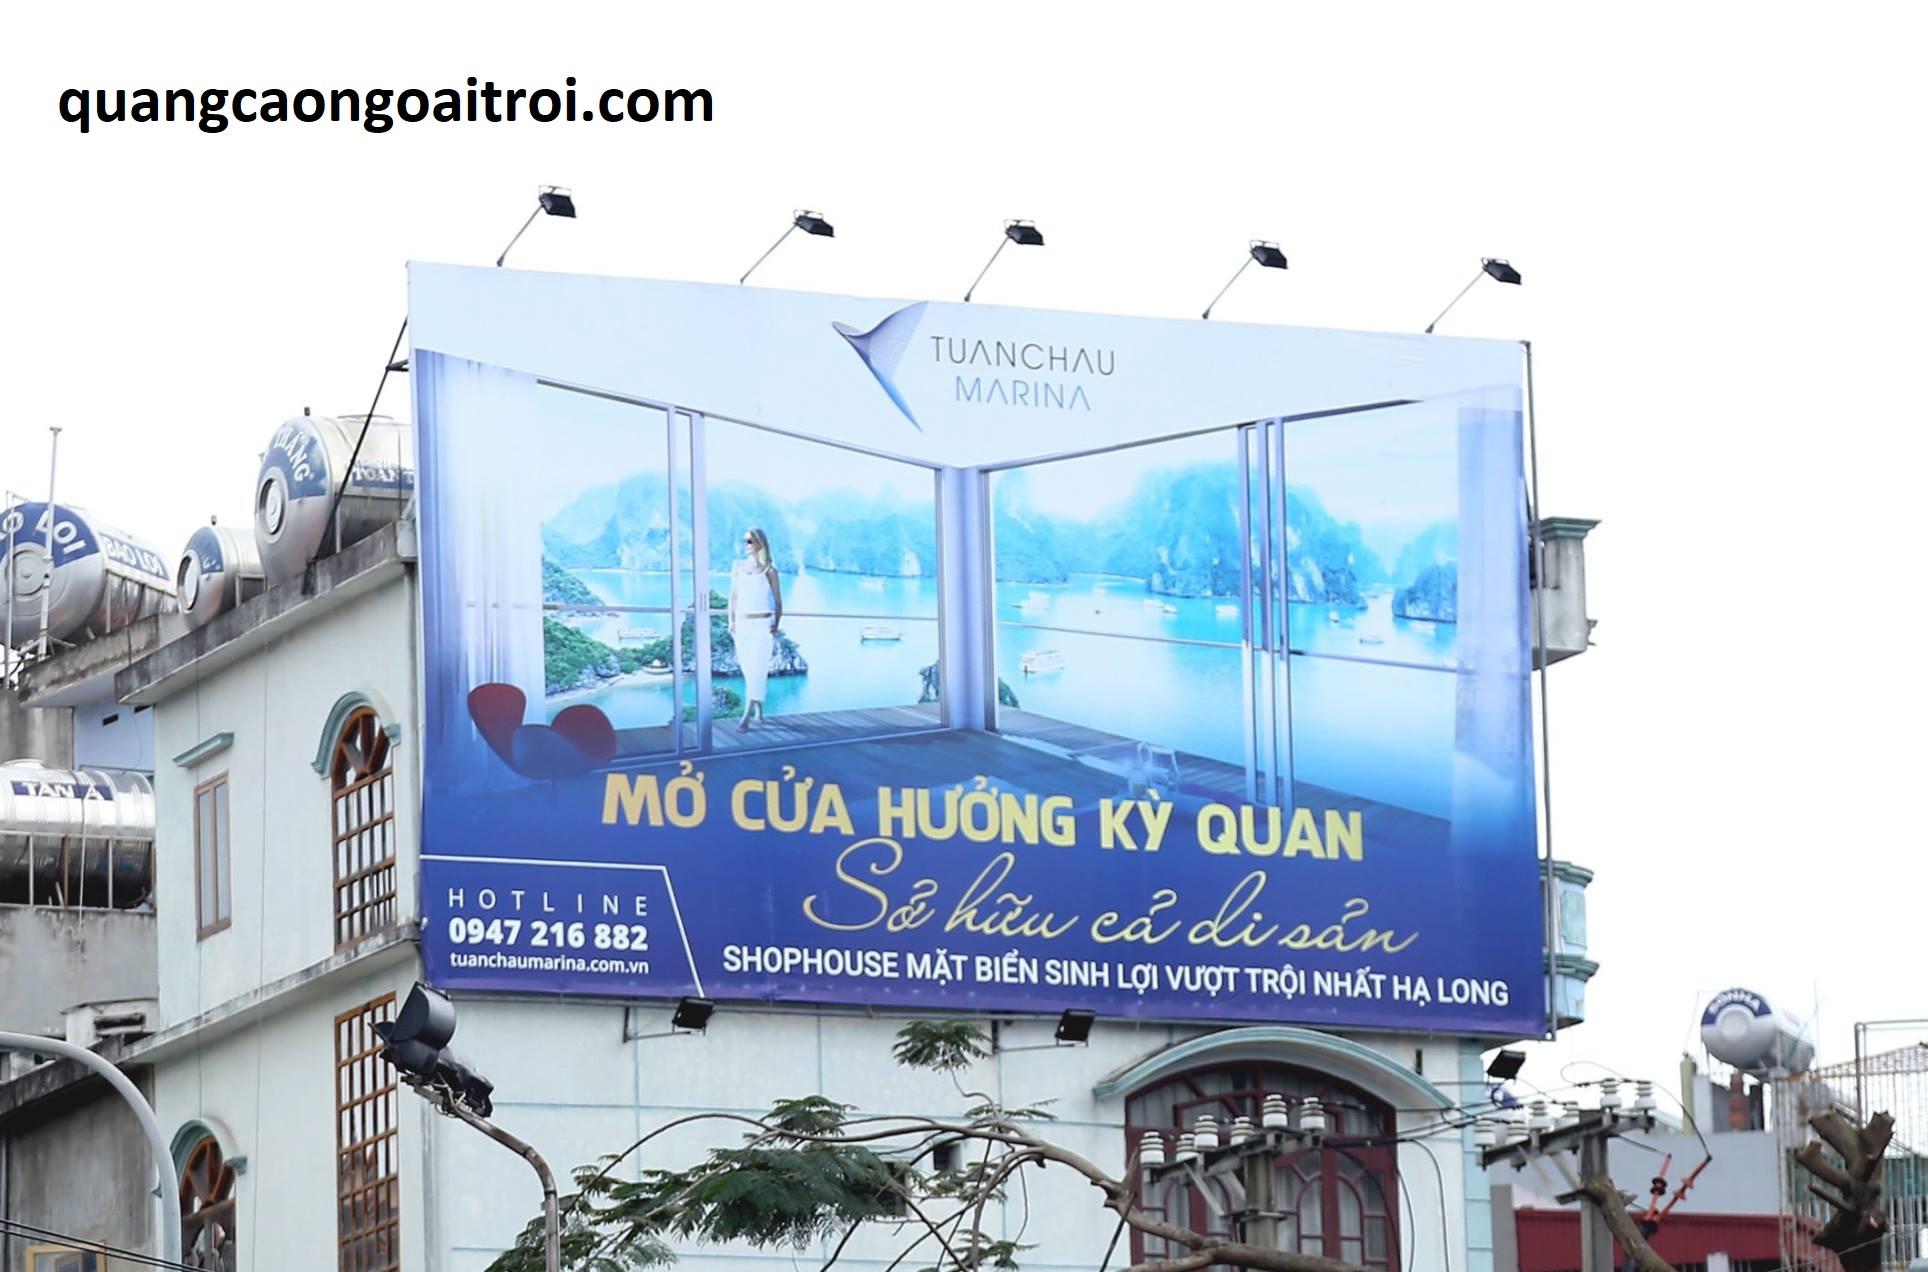 quảng cáo ngoài trời tại Hà Nội 2